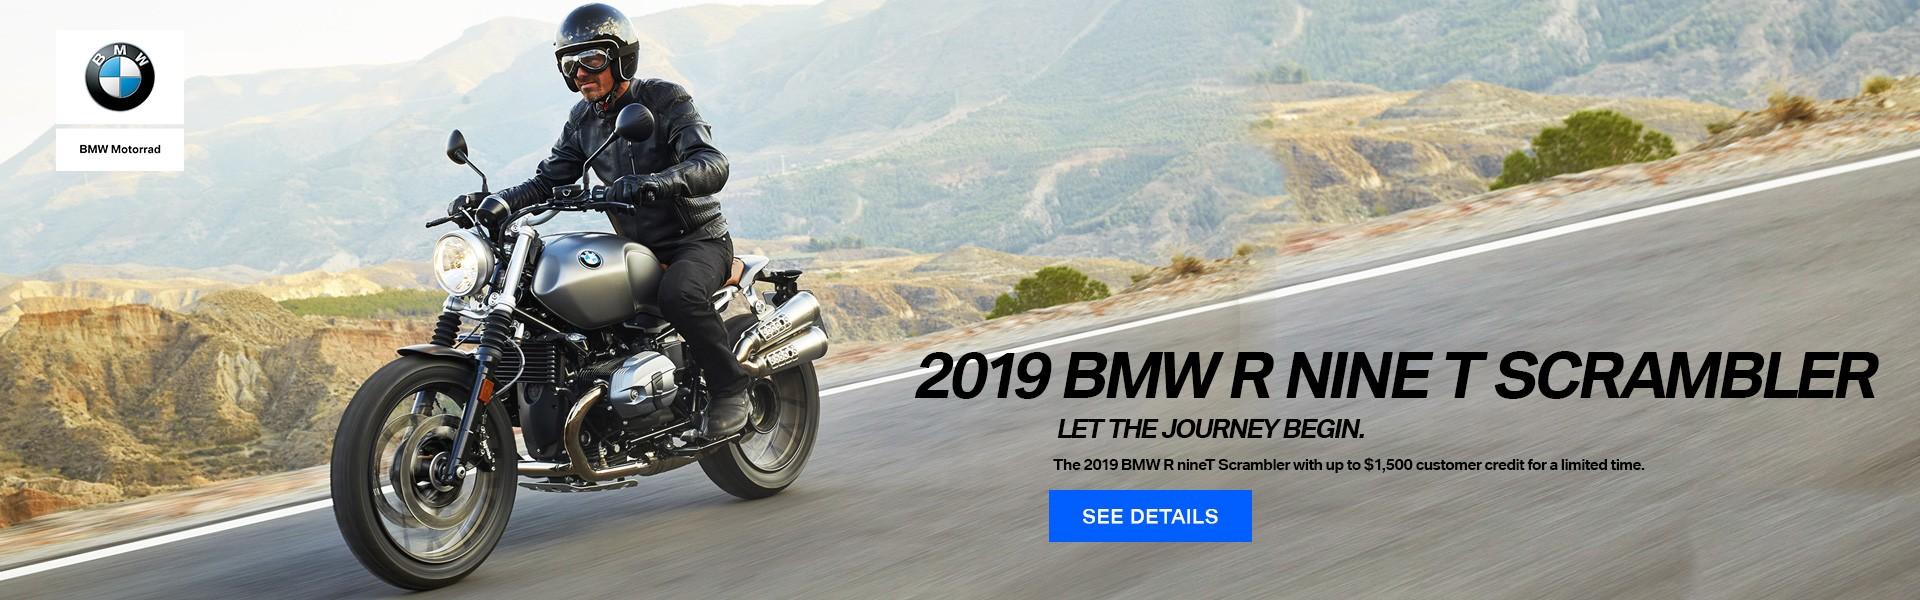 2019 BMW R NINE T SCRAMBLER